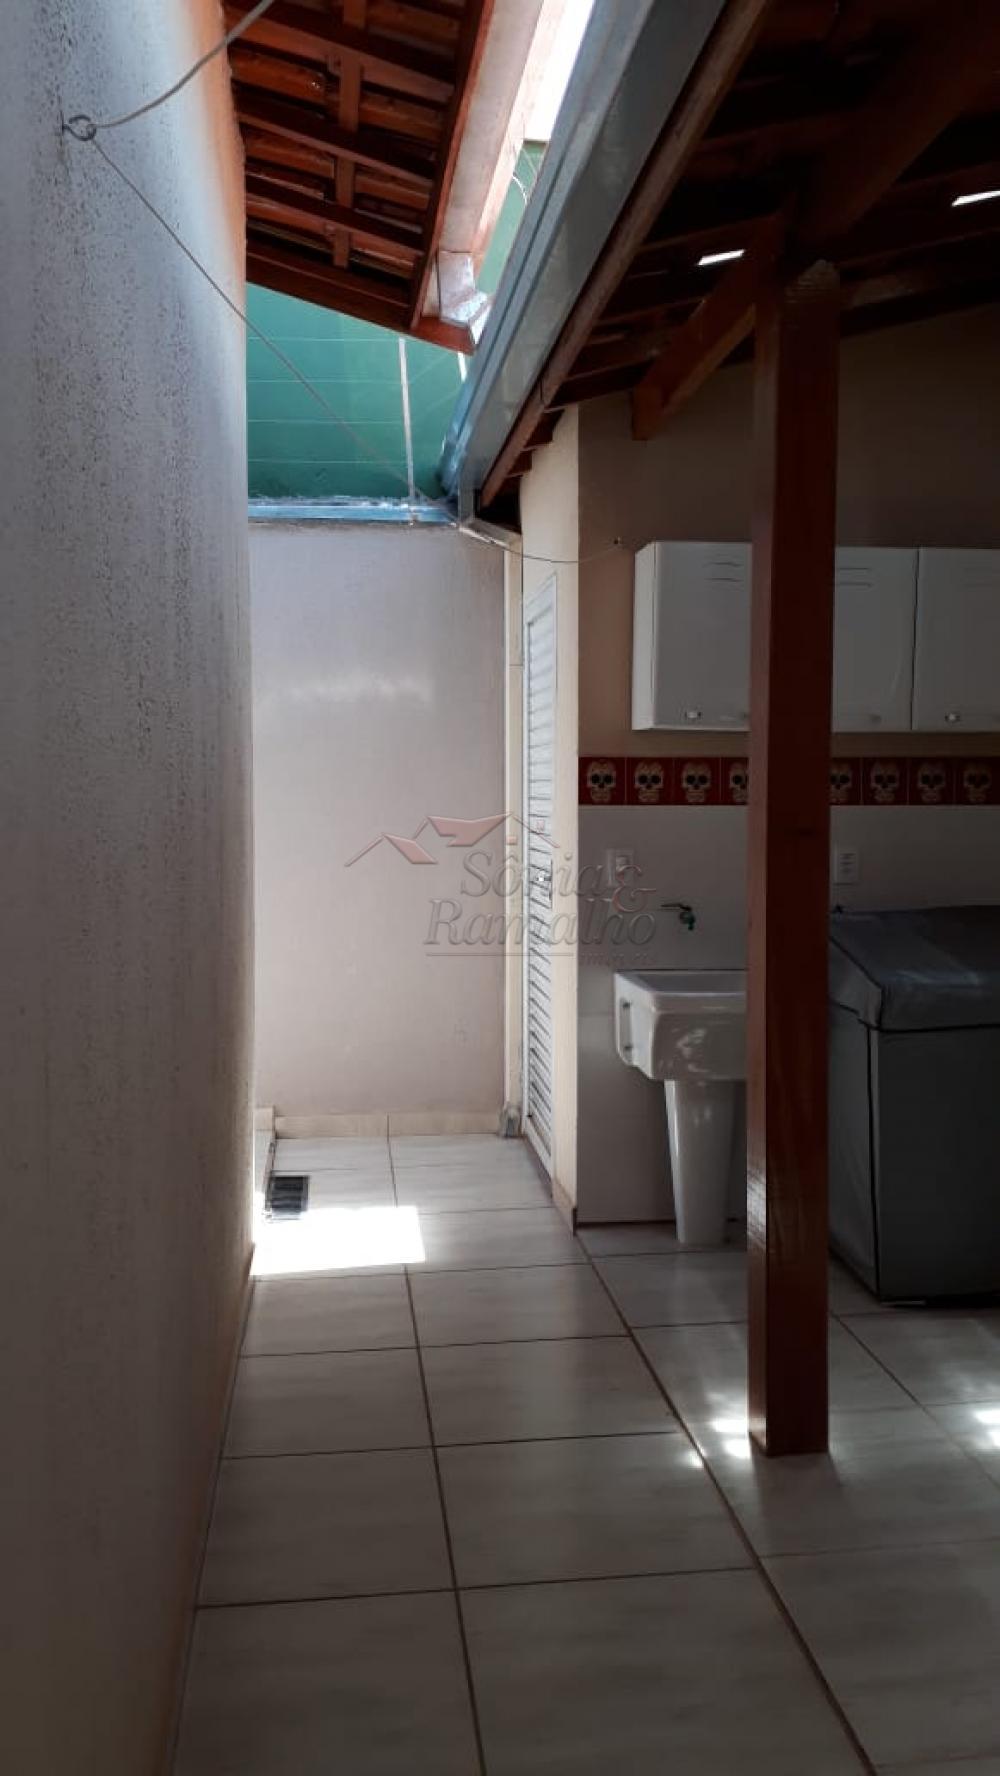 Comprar Casas / Padrão em Ribeirão Preto apenas R$ 265.000,00 - Foto 24